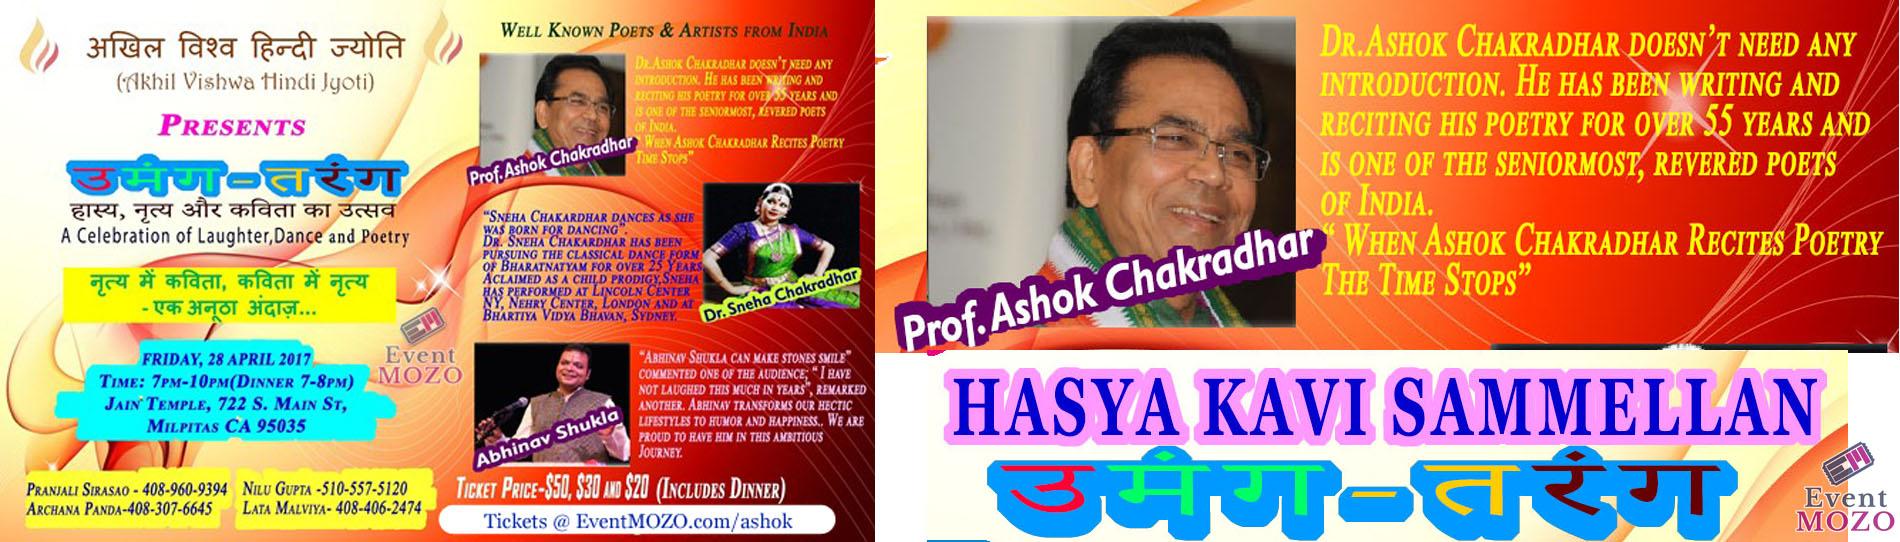 EventMozo Umang Tarang Hasya Kavi Sammelan